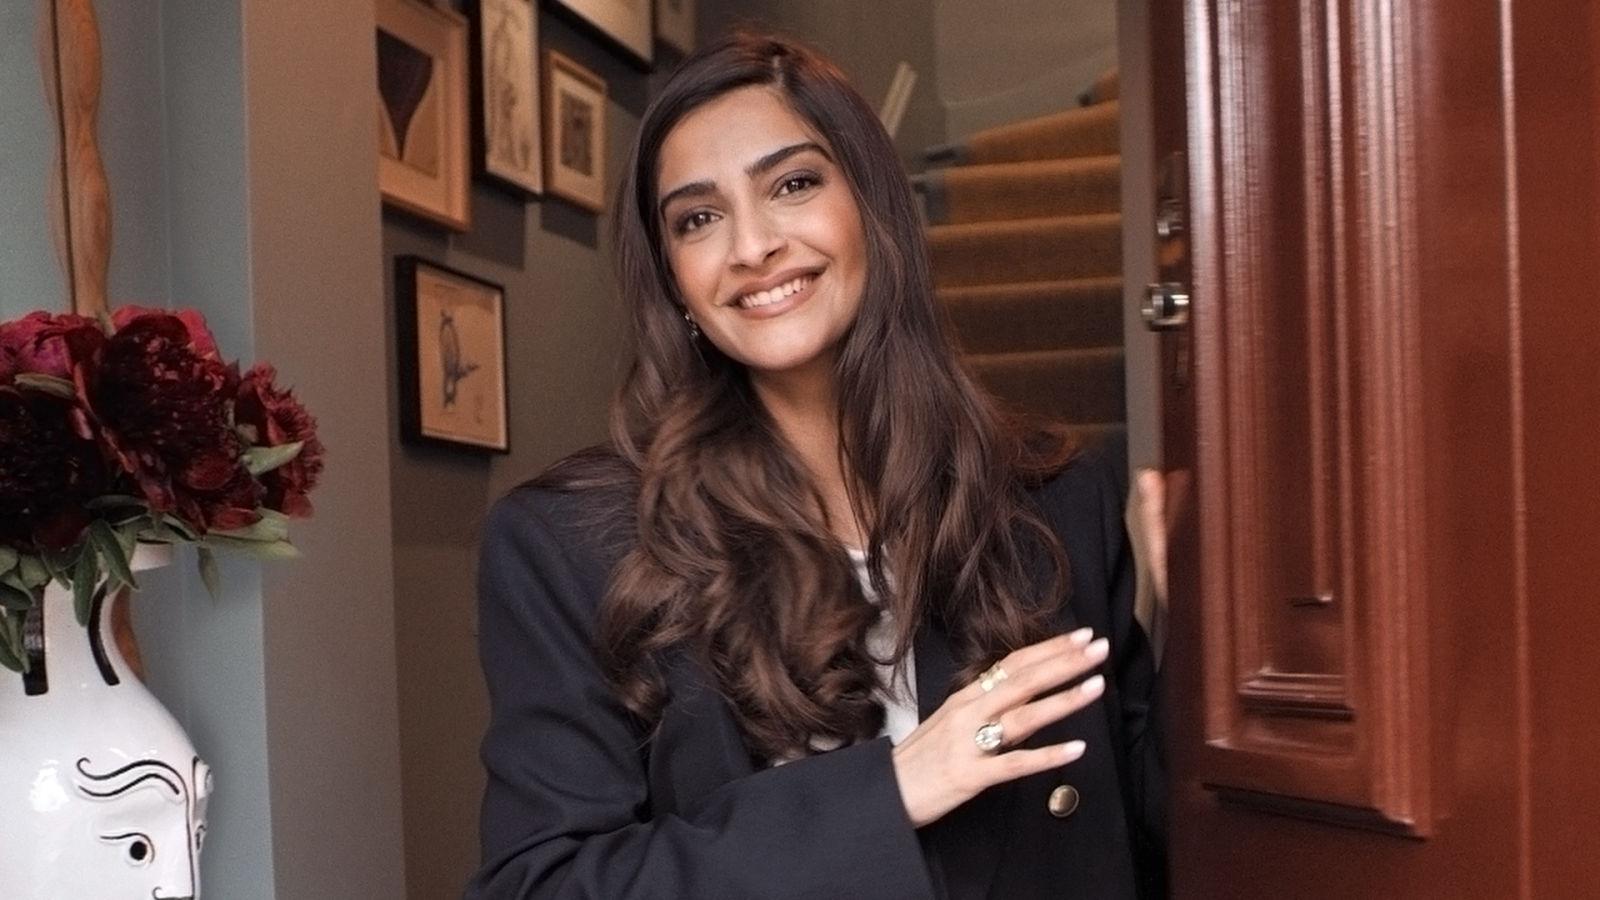 Dentro de la espectacular casa de Sonam Kapoor Ahuja en Londres